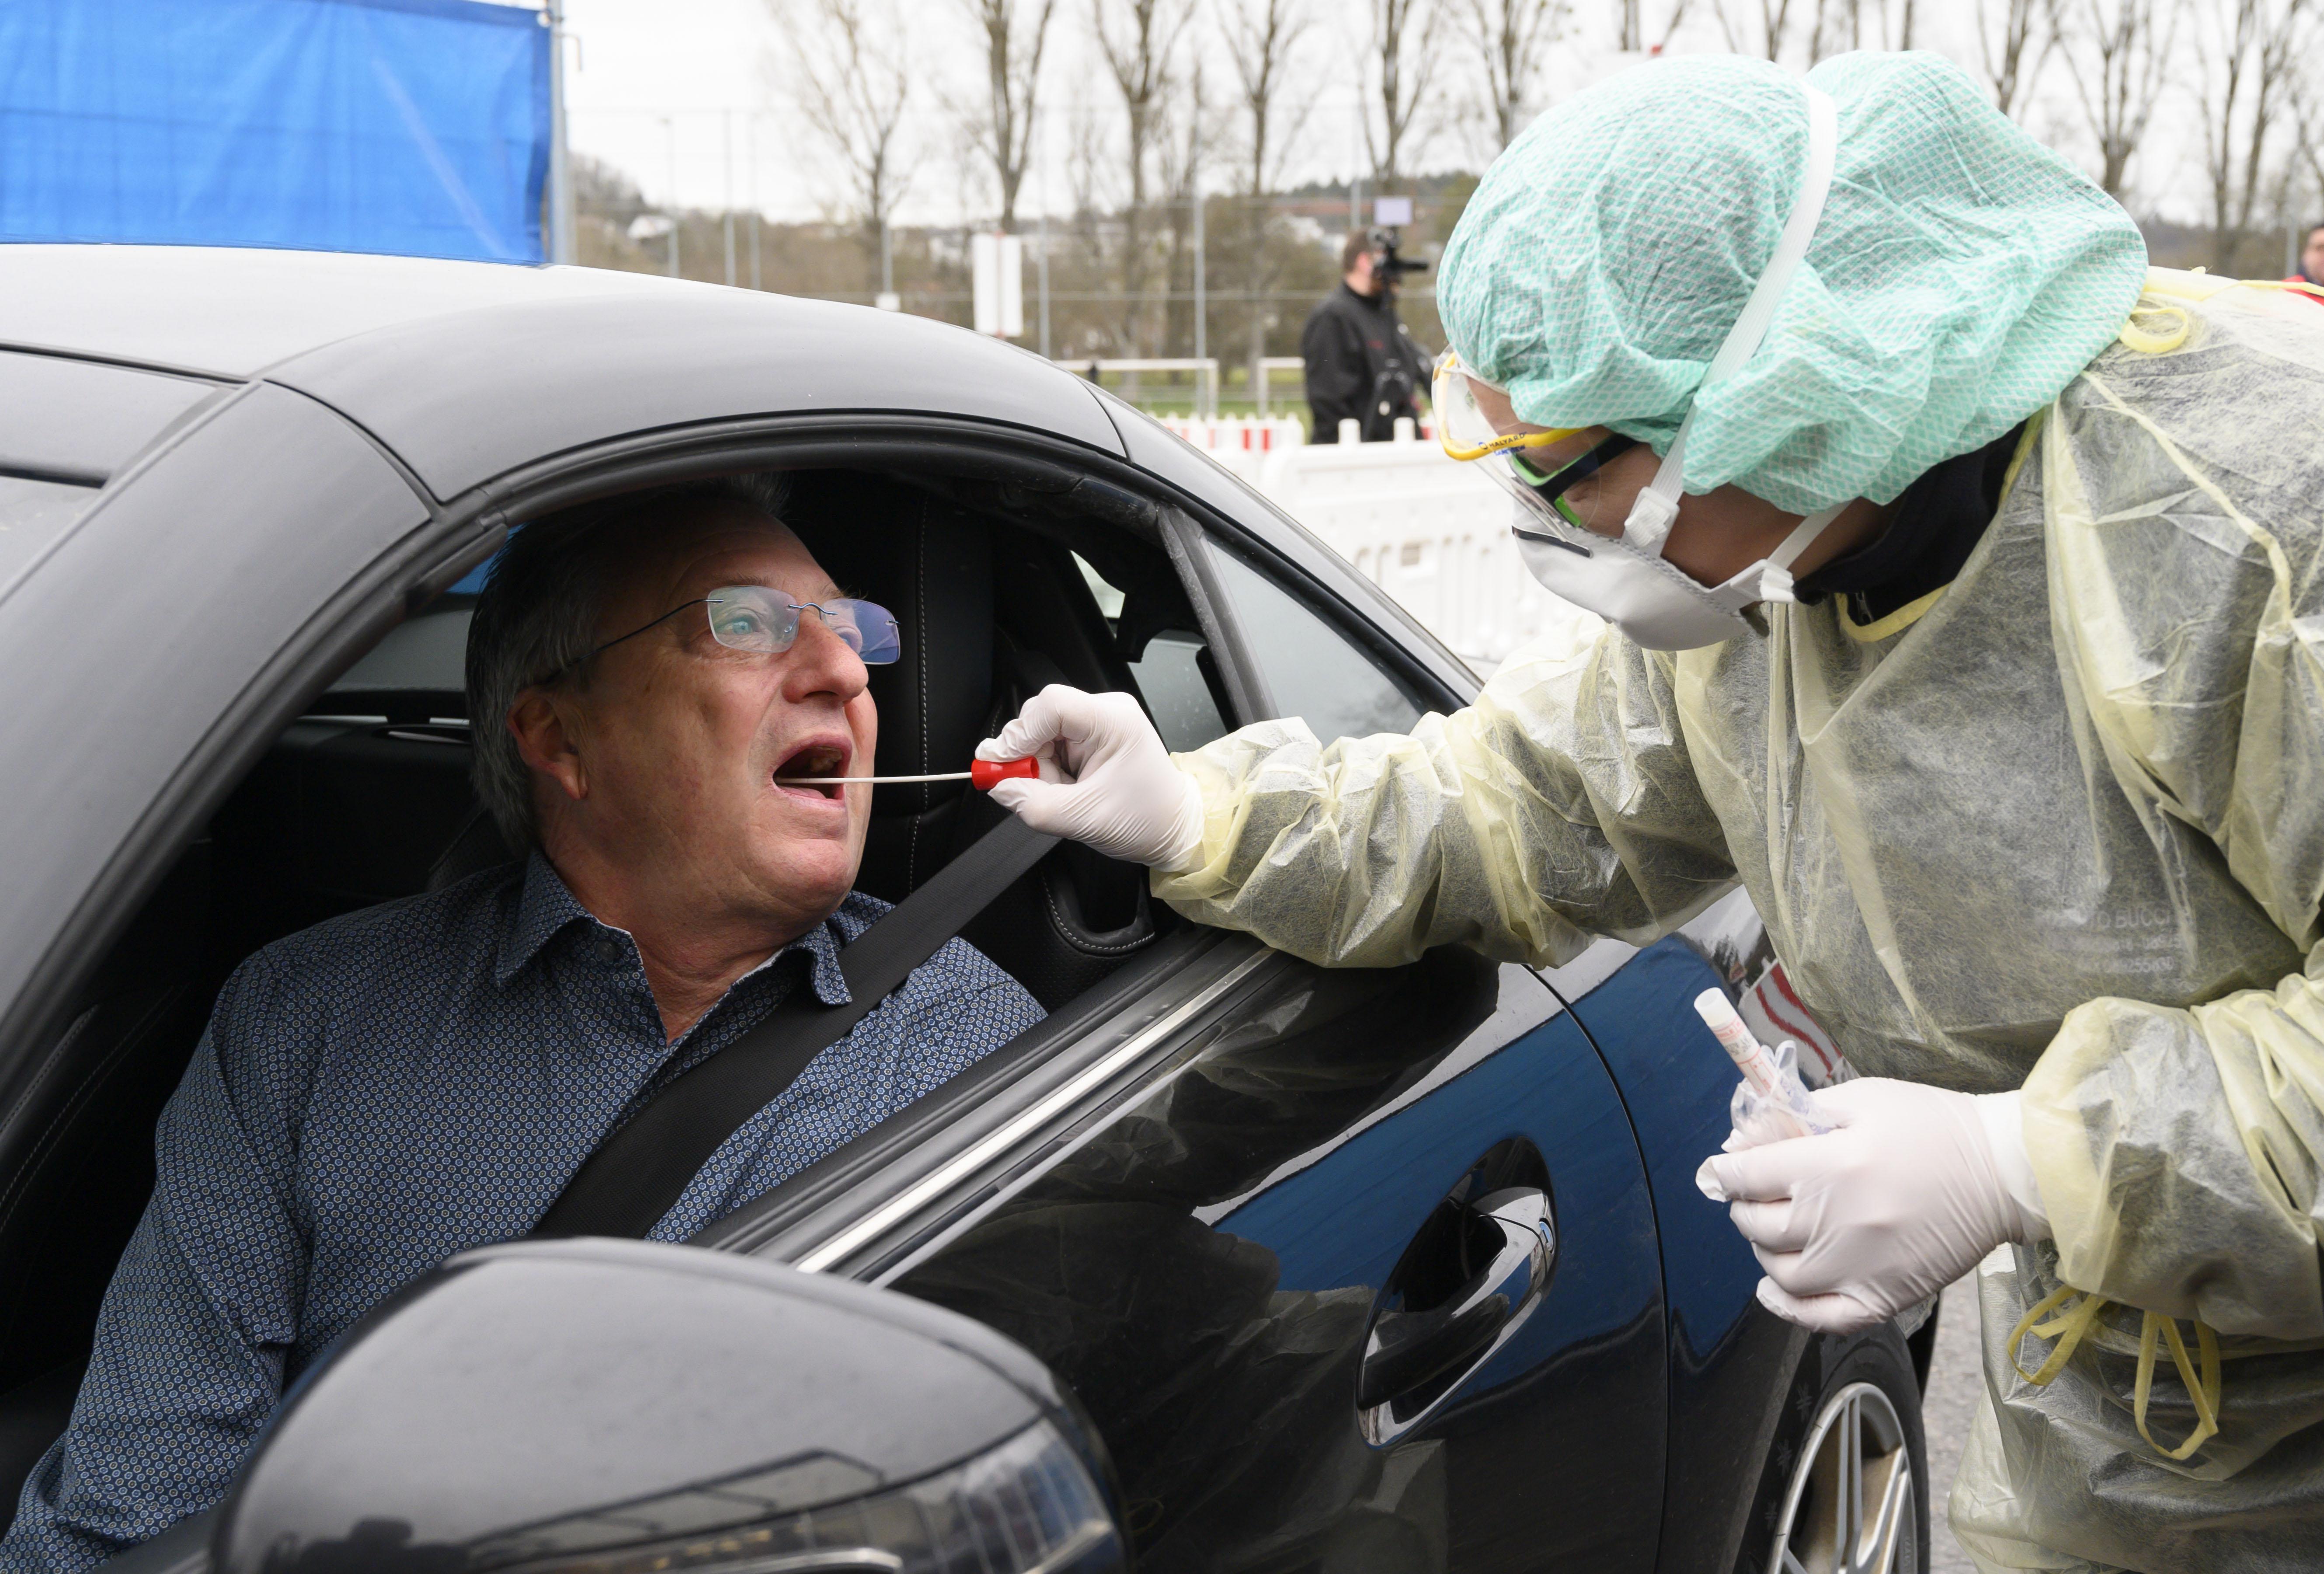 Ezért veszélyesebb a koronavírus az idősebbekre